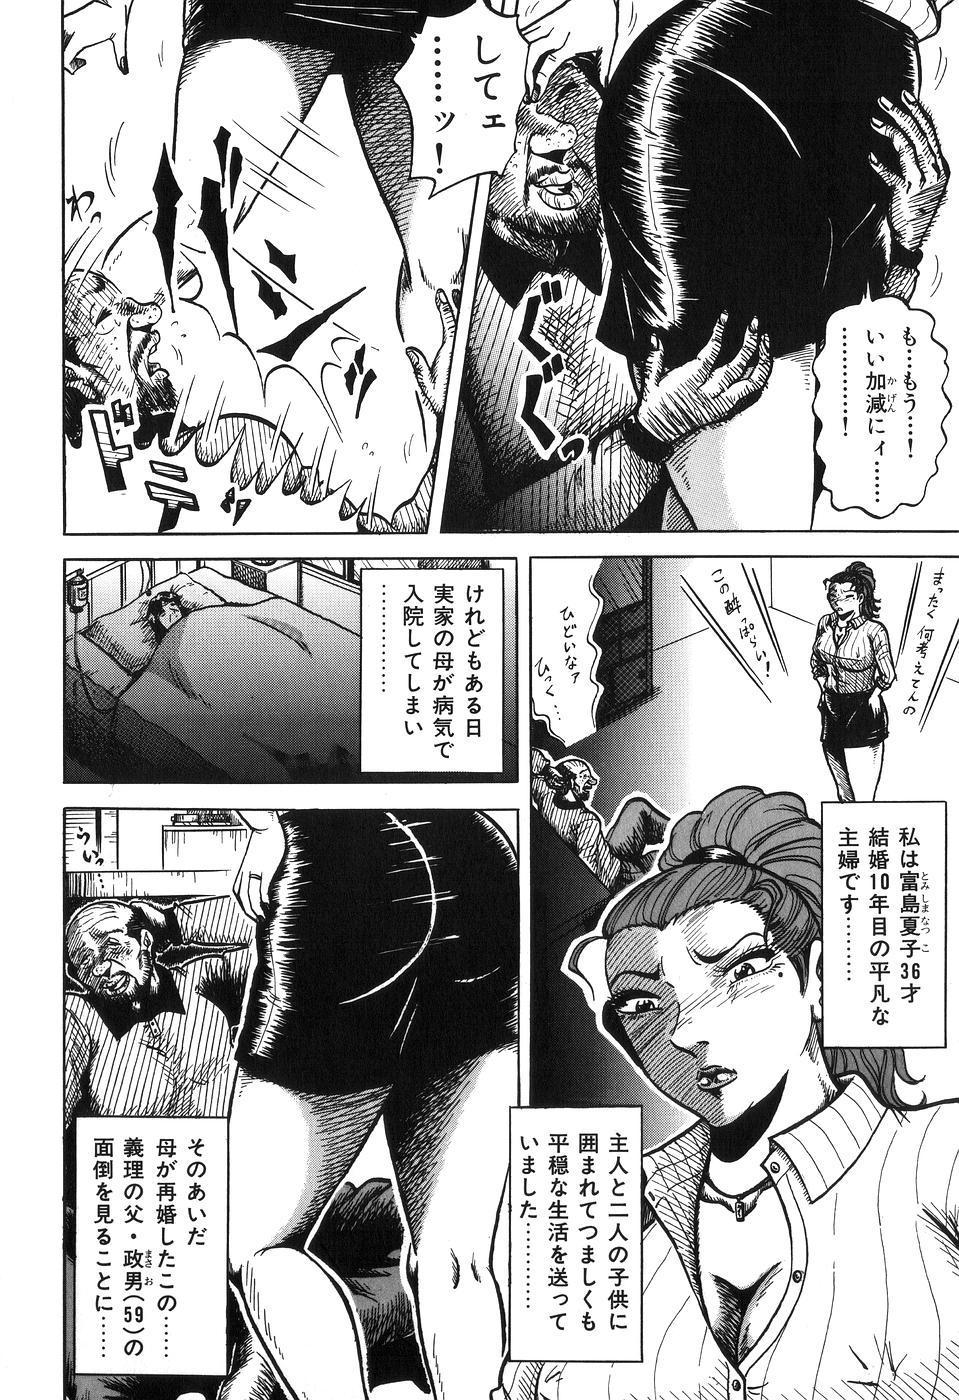 Jukubo Soukan Yosoji no Tawamure 71